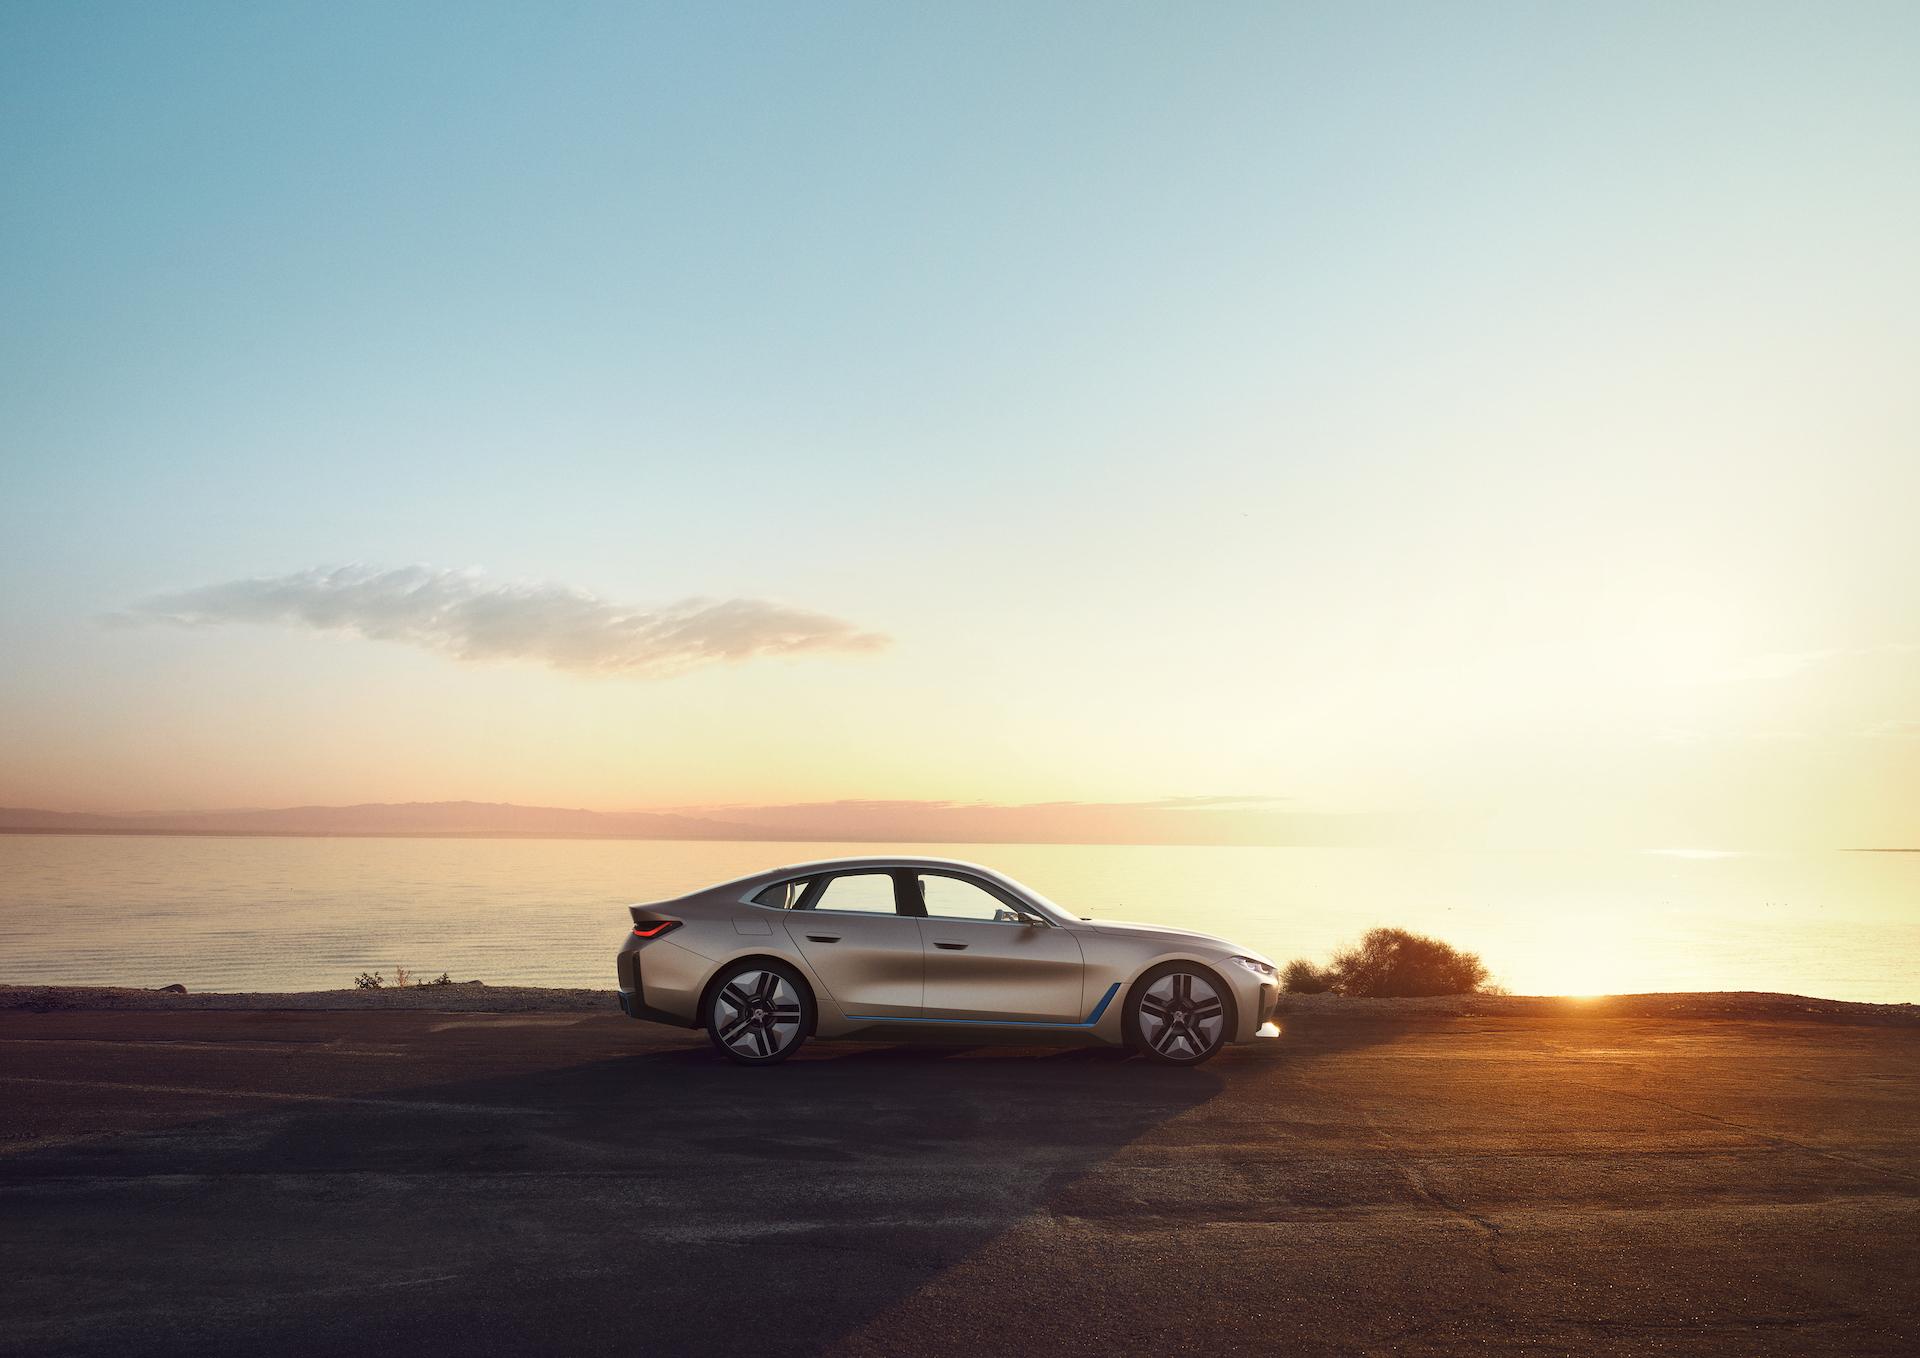 BMW stellt den neuen i4 vor: Ein Gran Coupé mit bis zu 530 PS und 600 km Reichweite 5